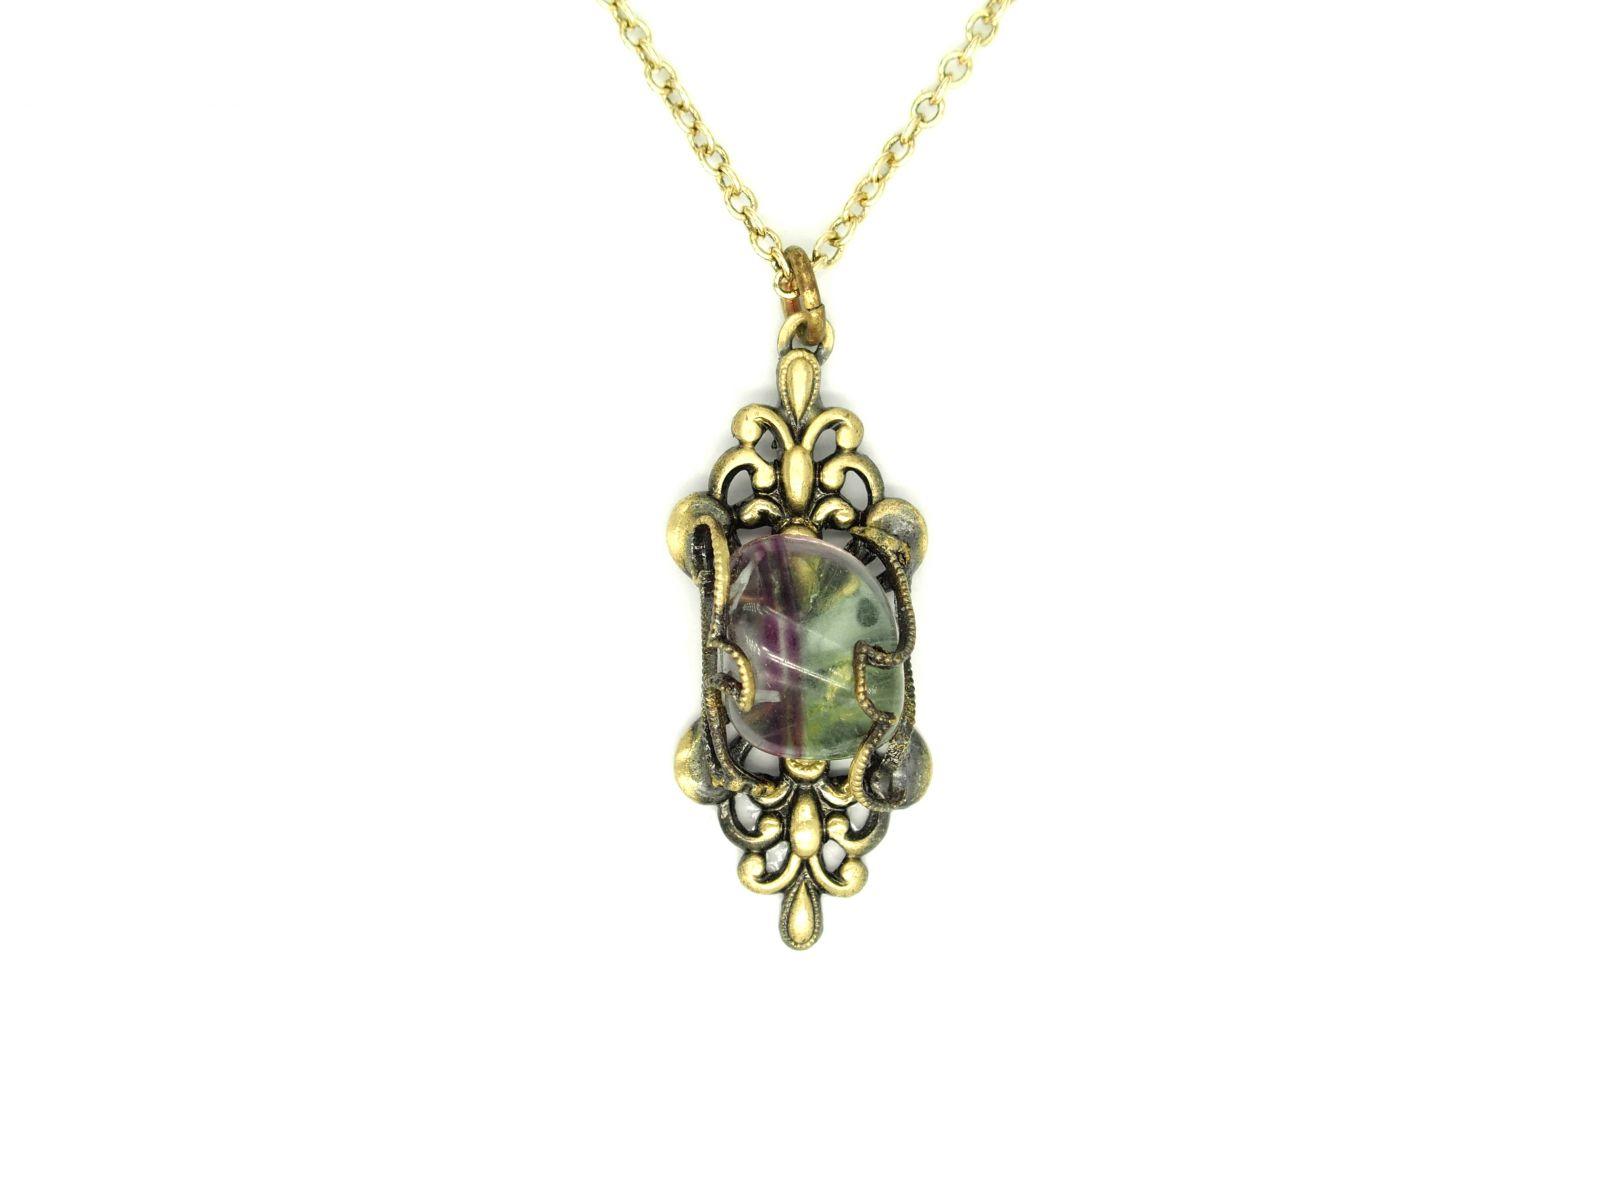 náhrdelník s přívěskem (f)